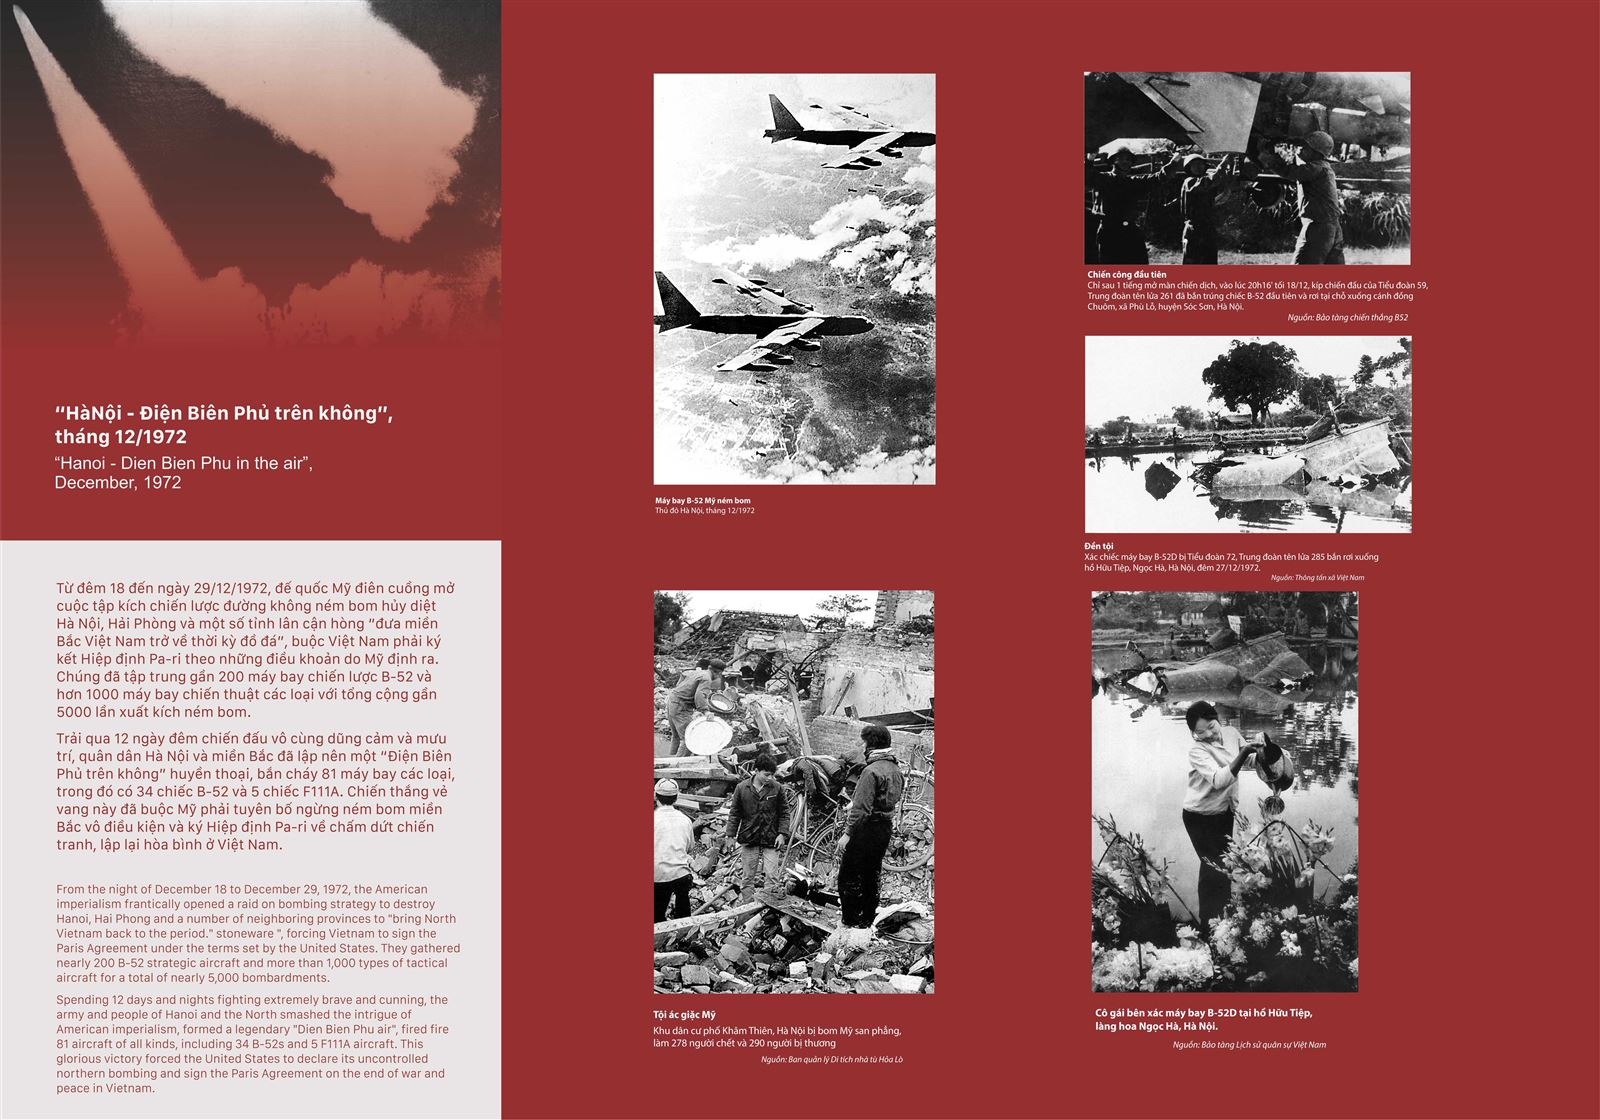 Hà Nội - Điện Biên Phủ trên không, tháng 12/1972